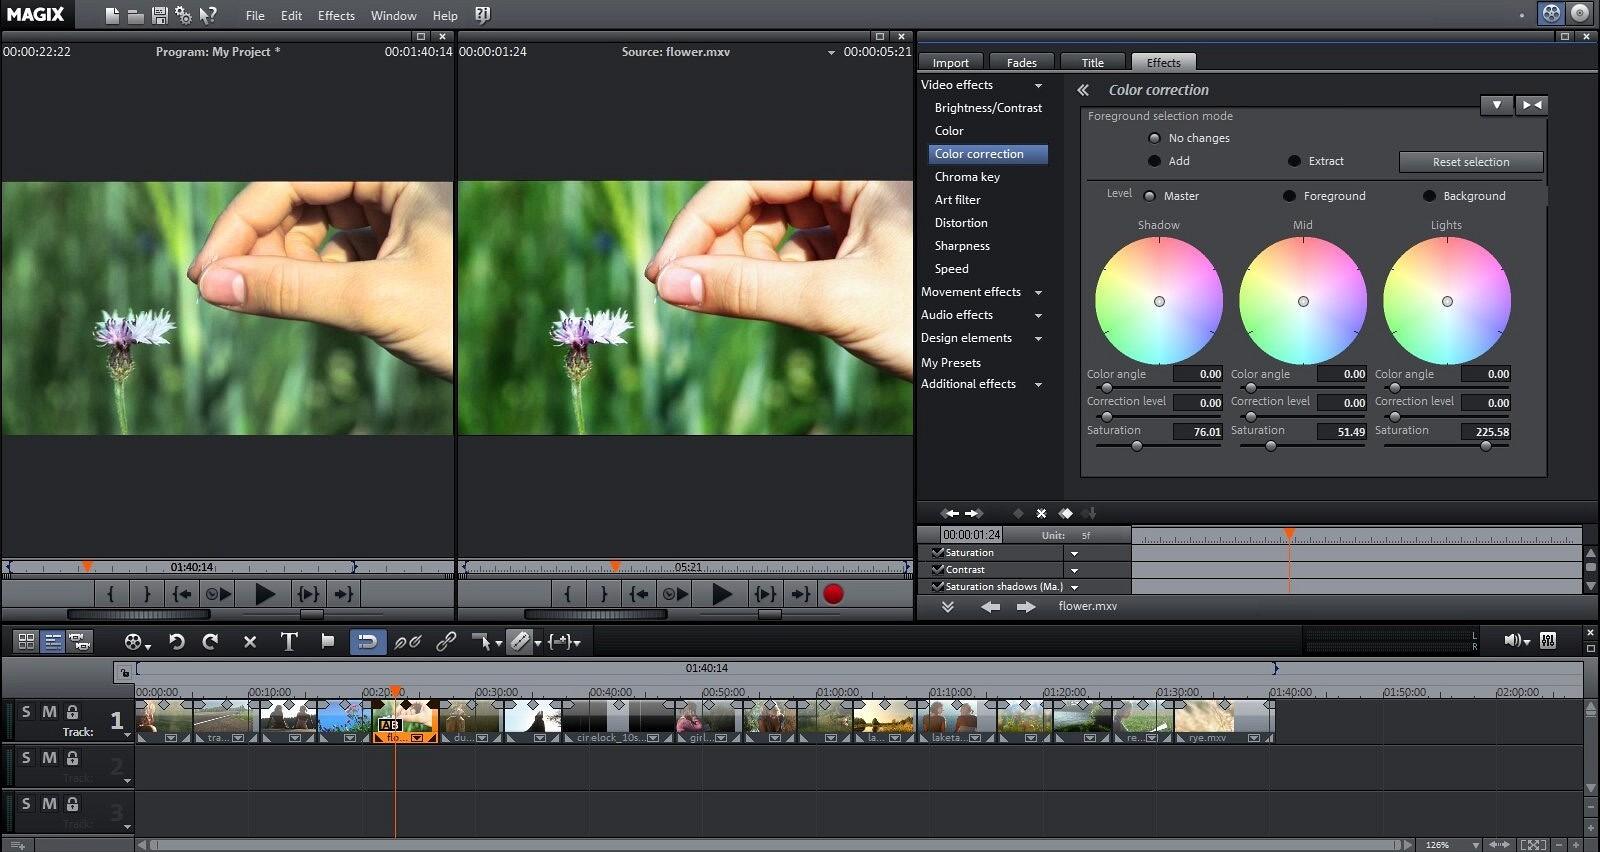 MAGIX VIDEO PRO X3 СКАЧАТЬ БЕСПЛАТНО